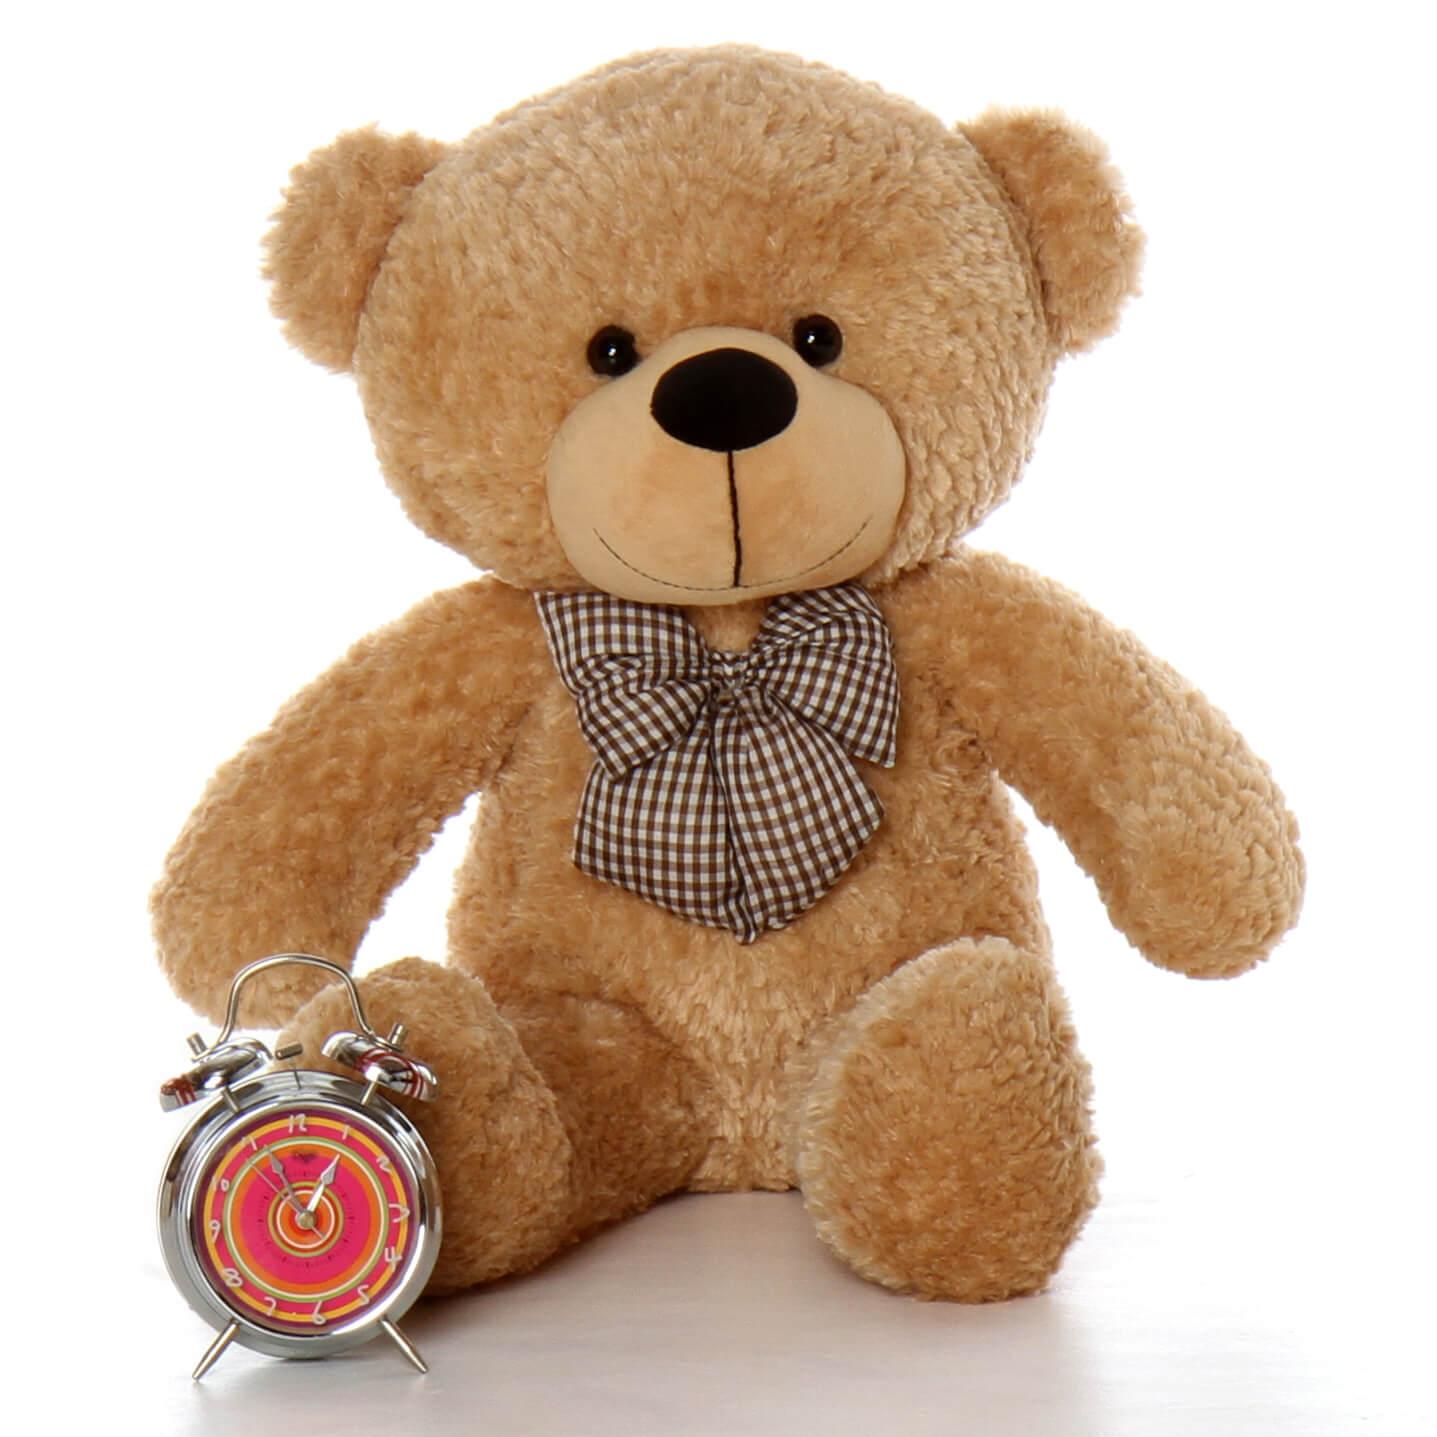 2.5ft-tall-adorable-big-teddy-bear-shaggy-cuddles-soft-cuddly-always-has-a-big-smile-1.jpg